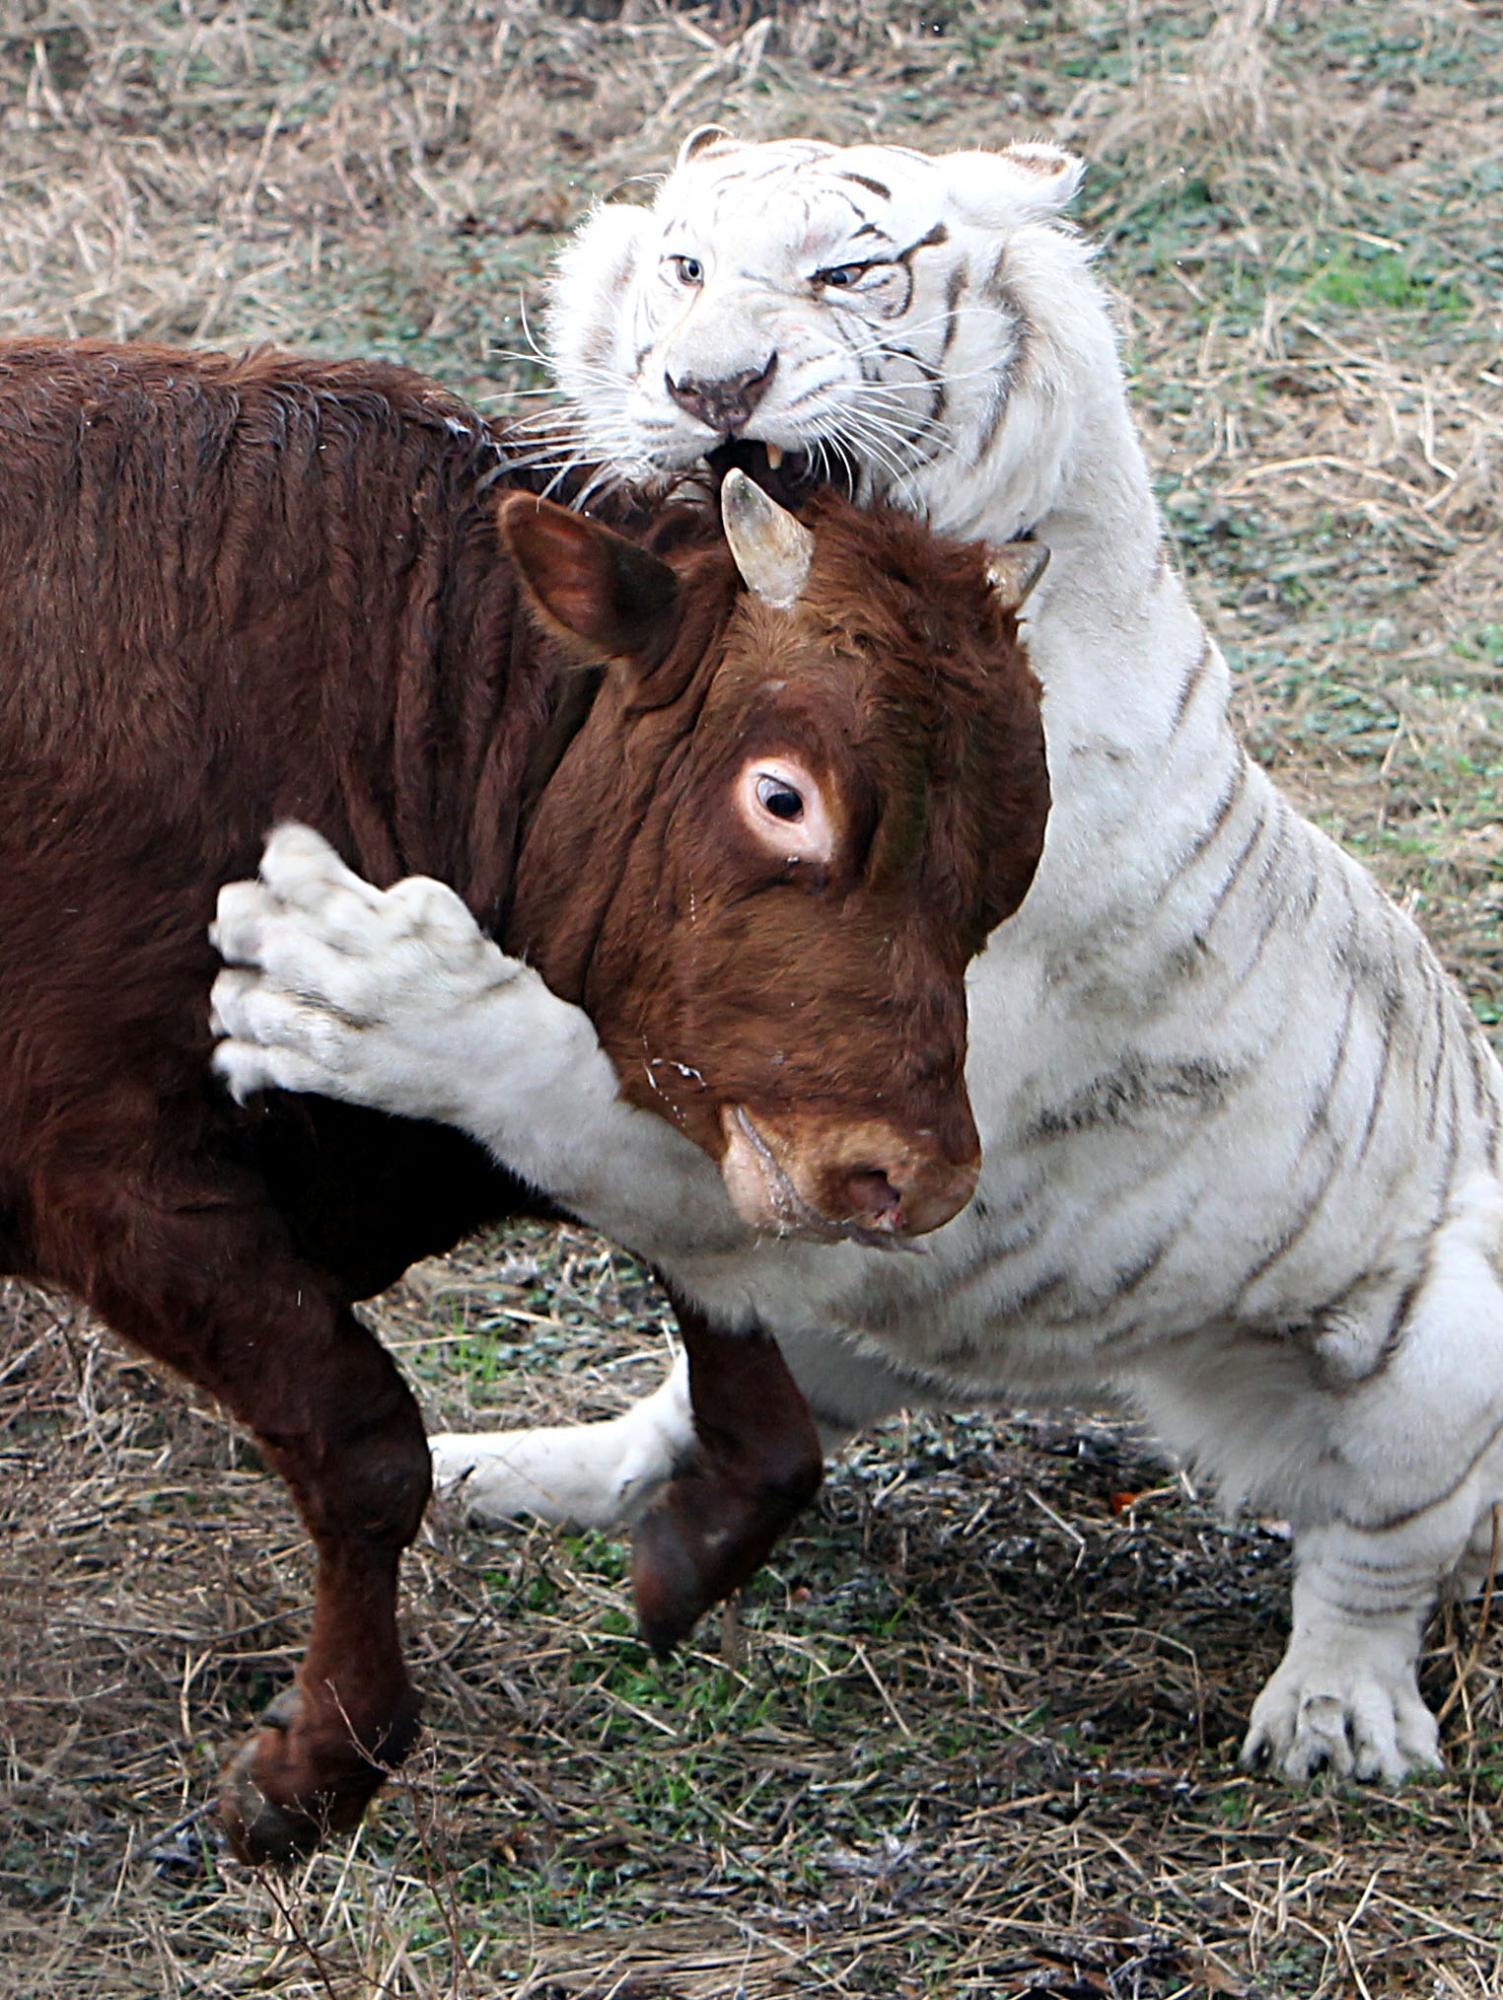 china tiger attack